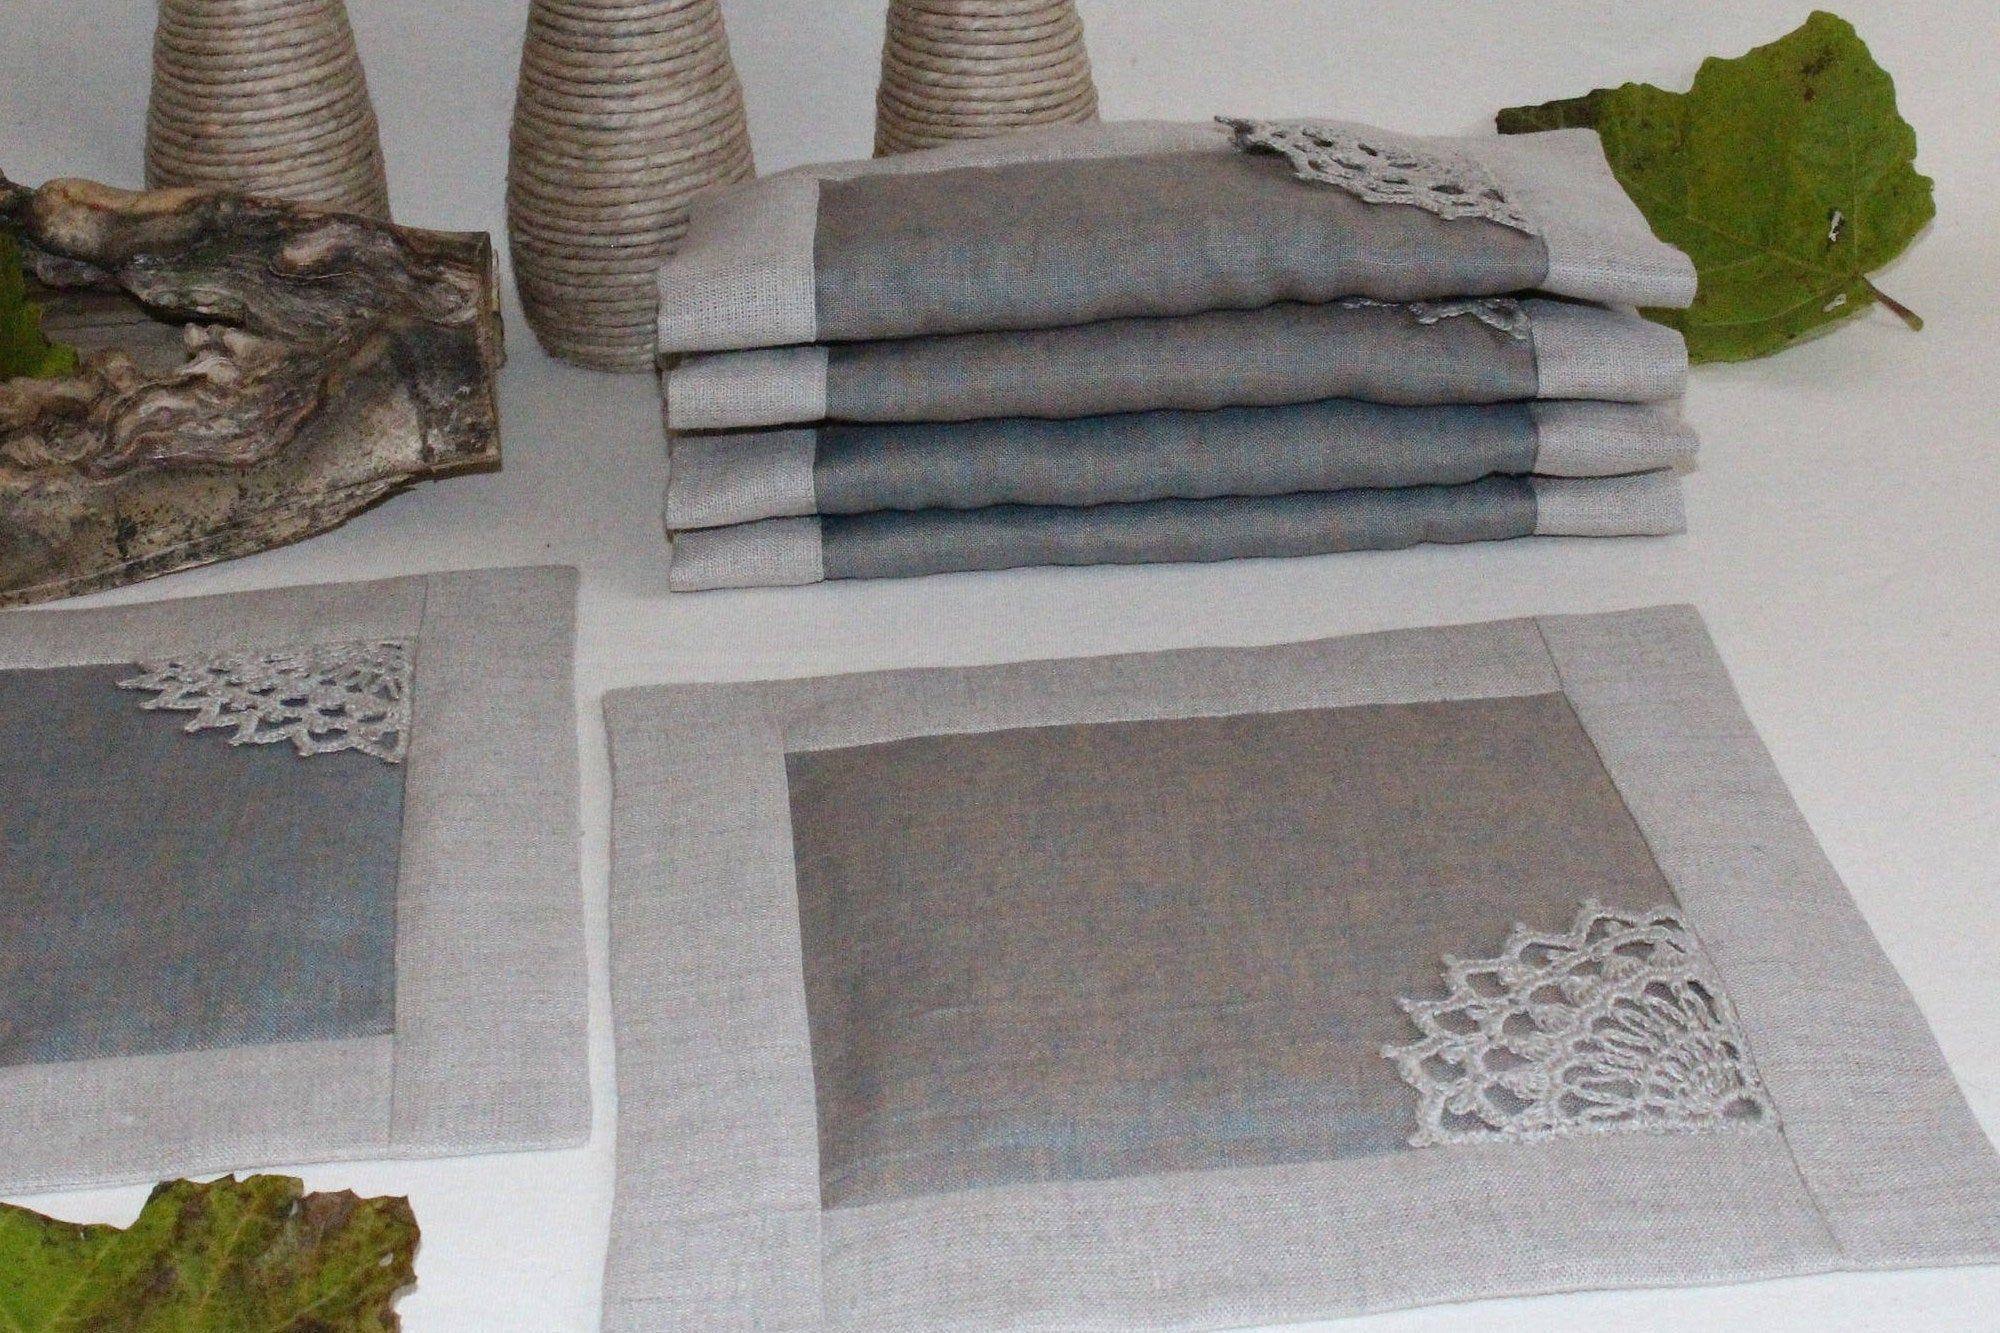 Linen Placemats Square Placemats Gray Pure Linen Table Napkins Cloth Placemats Farmhouse Decor Square Placemats Linen Placemats Fabric Coasters